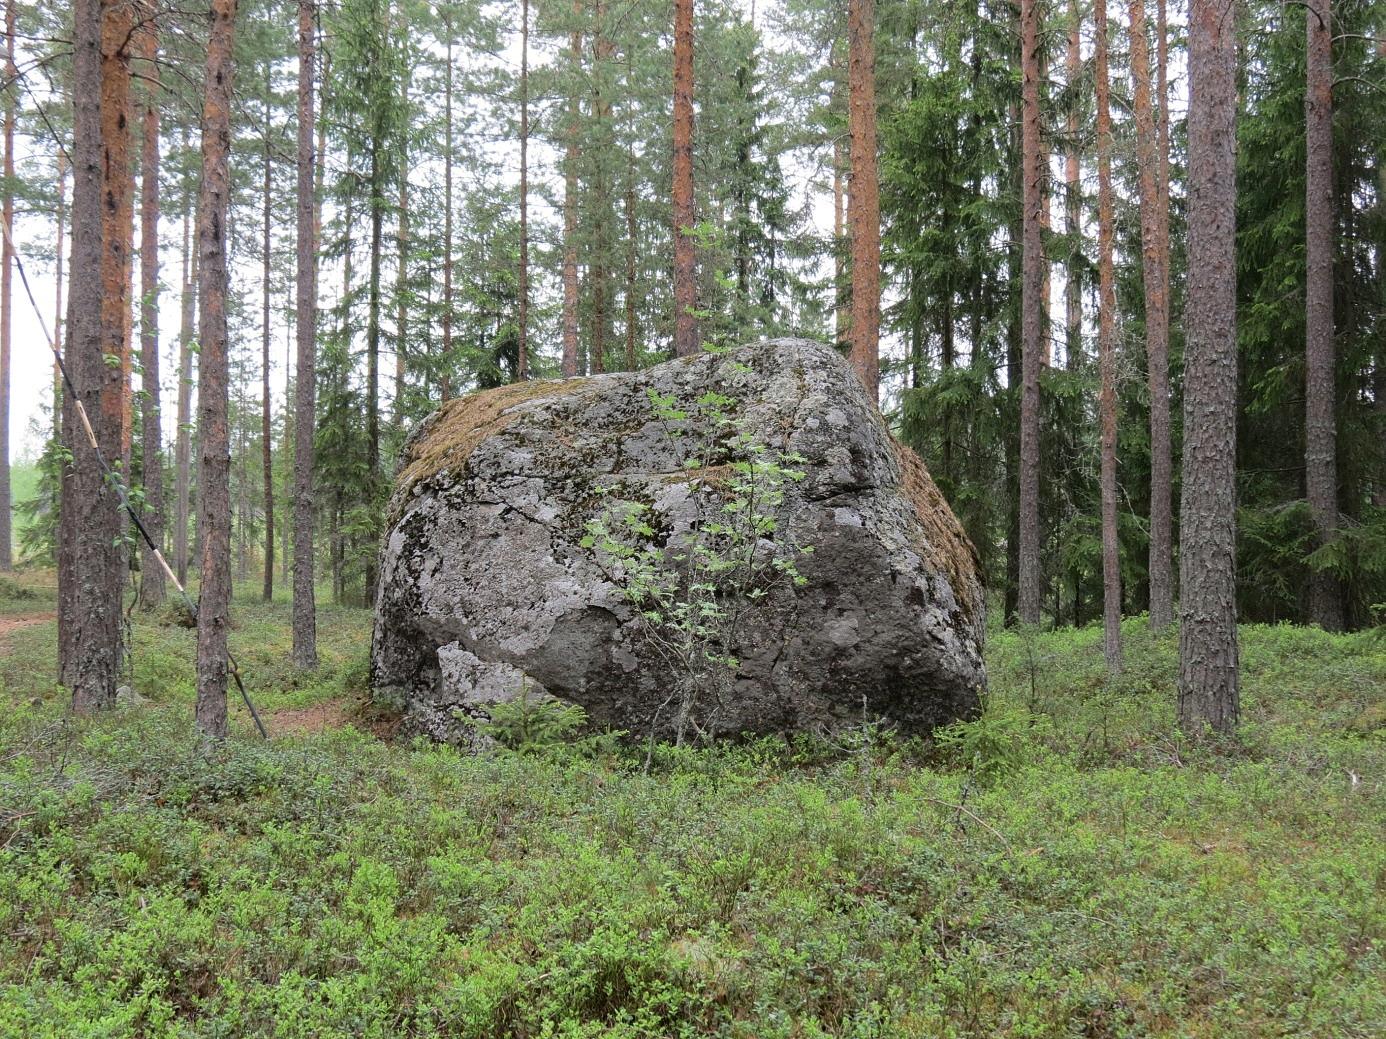 Lisa-Mors sten fotograferad från söder och här har den legat sedan de stora ismassorna fört den med sig under den senaste istiden som slutade för 10 000 år sedan.